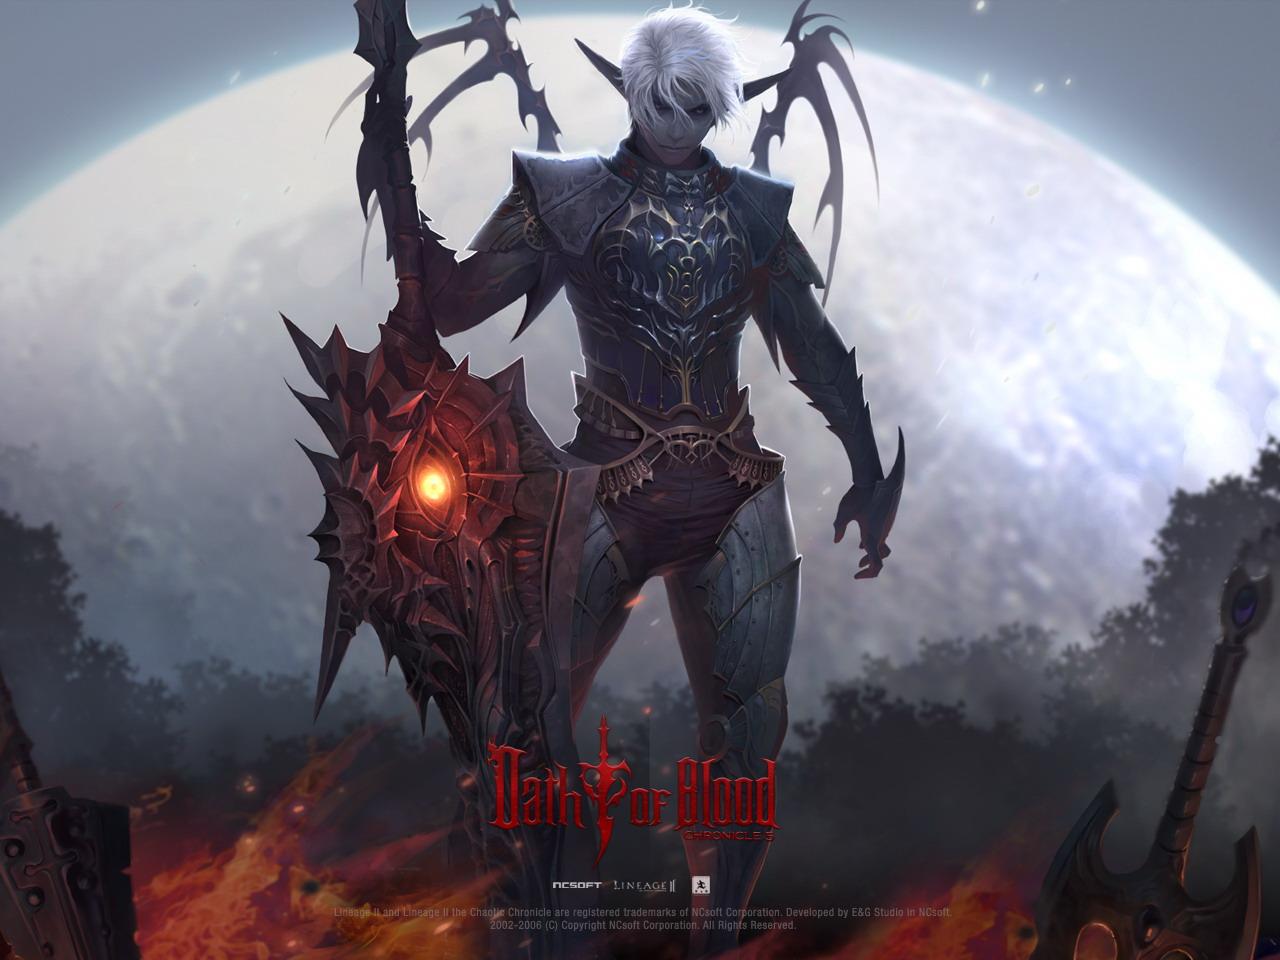 Обои и картинки Lineage II Oath of Blood в высоком качестве ...